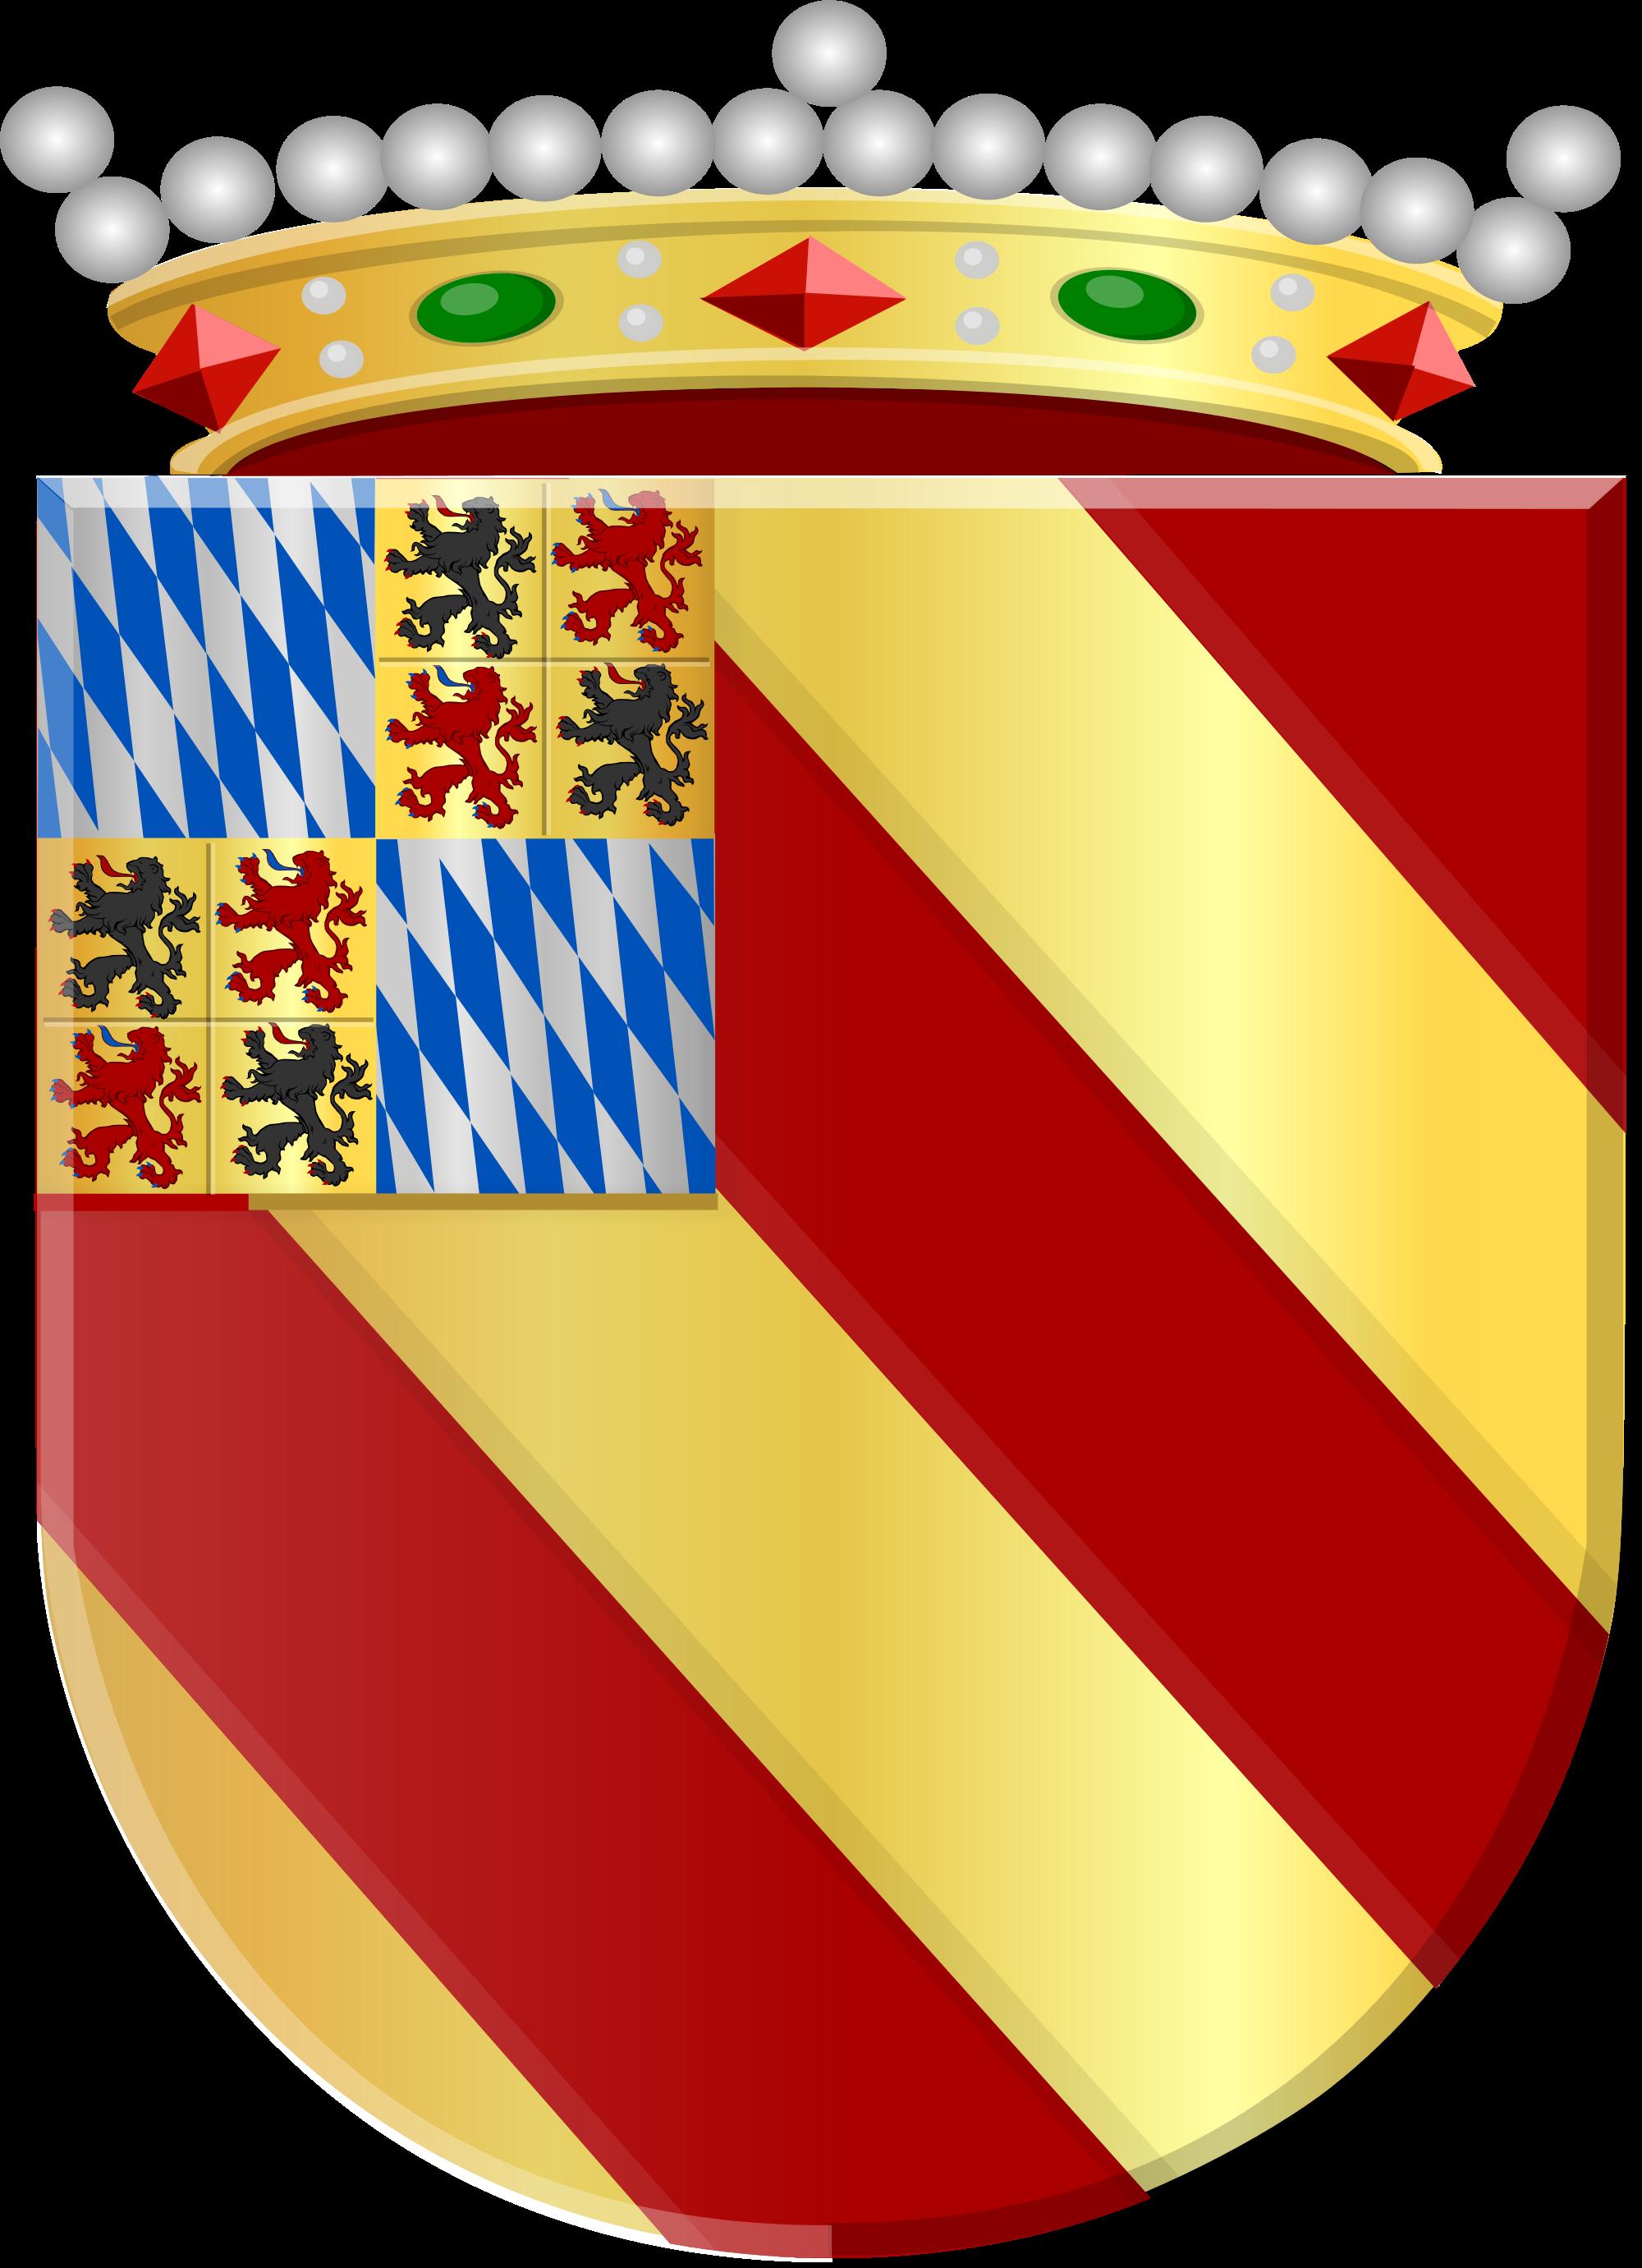 File:Diederik van Schagen.svg.